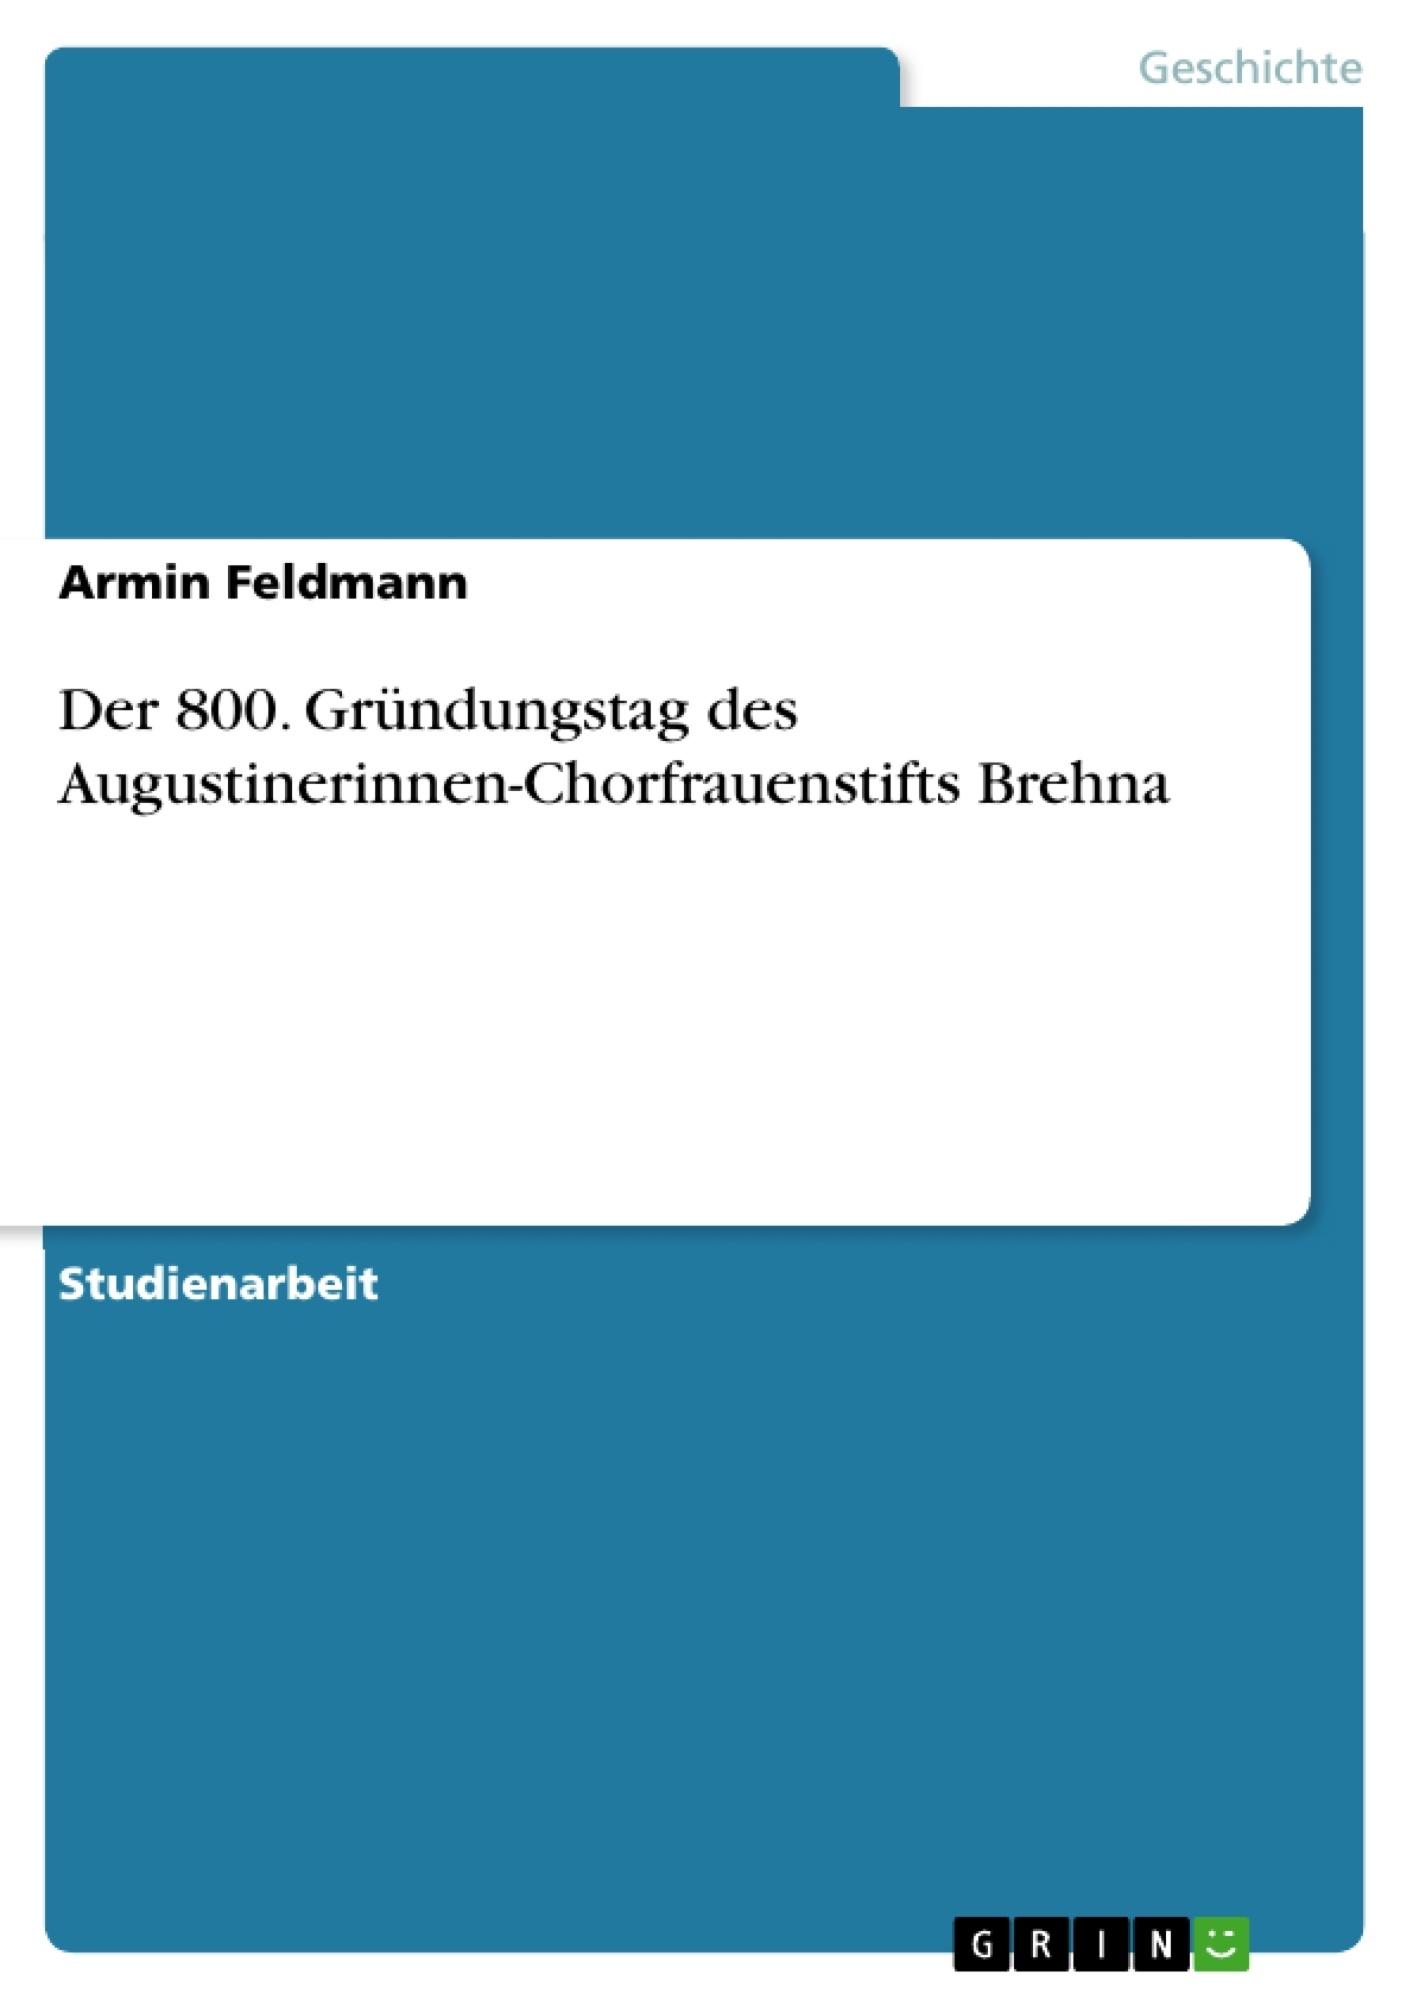 Titel: Der 800. Gründungstag des Augustinerinnen-Chorfrauenstifts Brehna